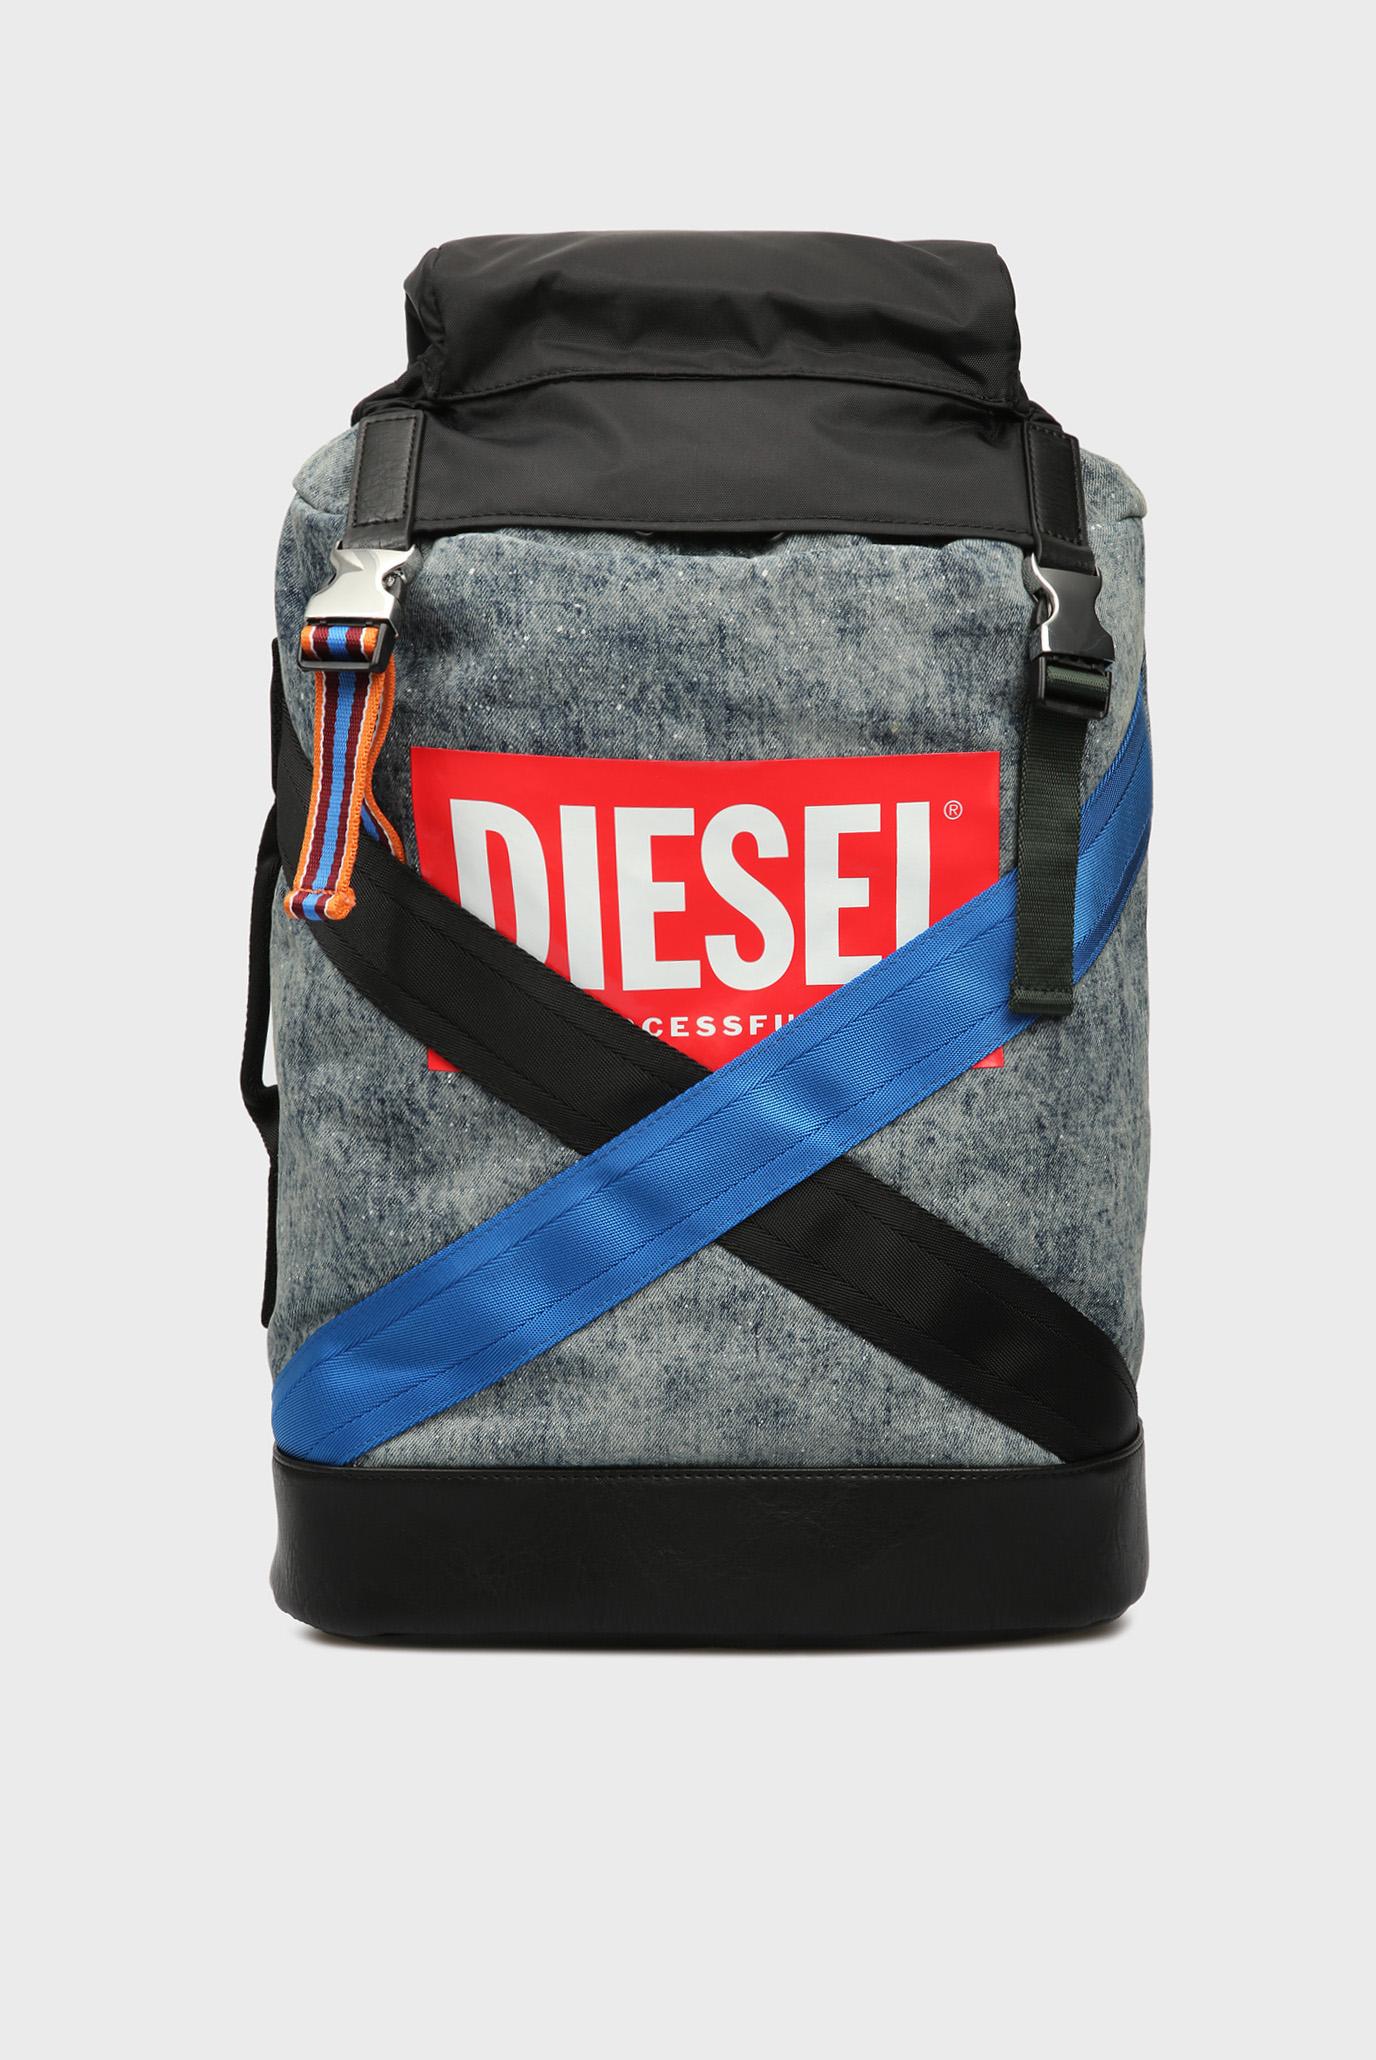 13c106aca Купить Мужской голубой джинсовый рюкзак Diesel Diesel X05792 P1599 – Киев,  Украина. Цены в интернет магазине MD Fashion